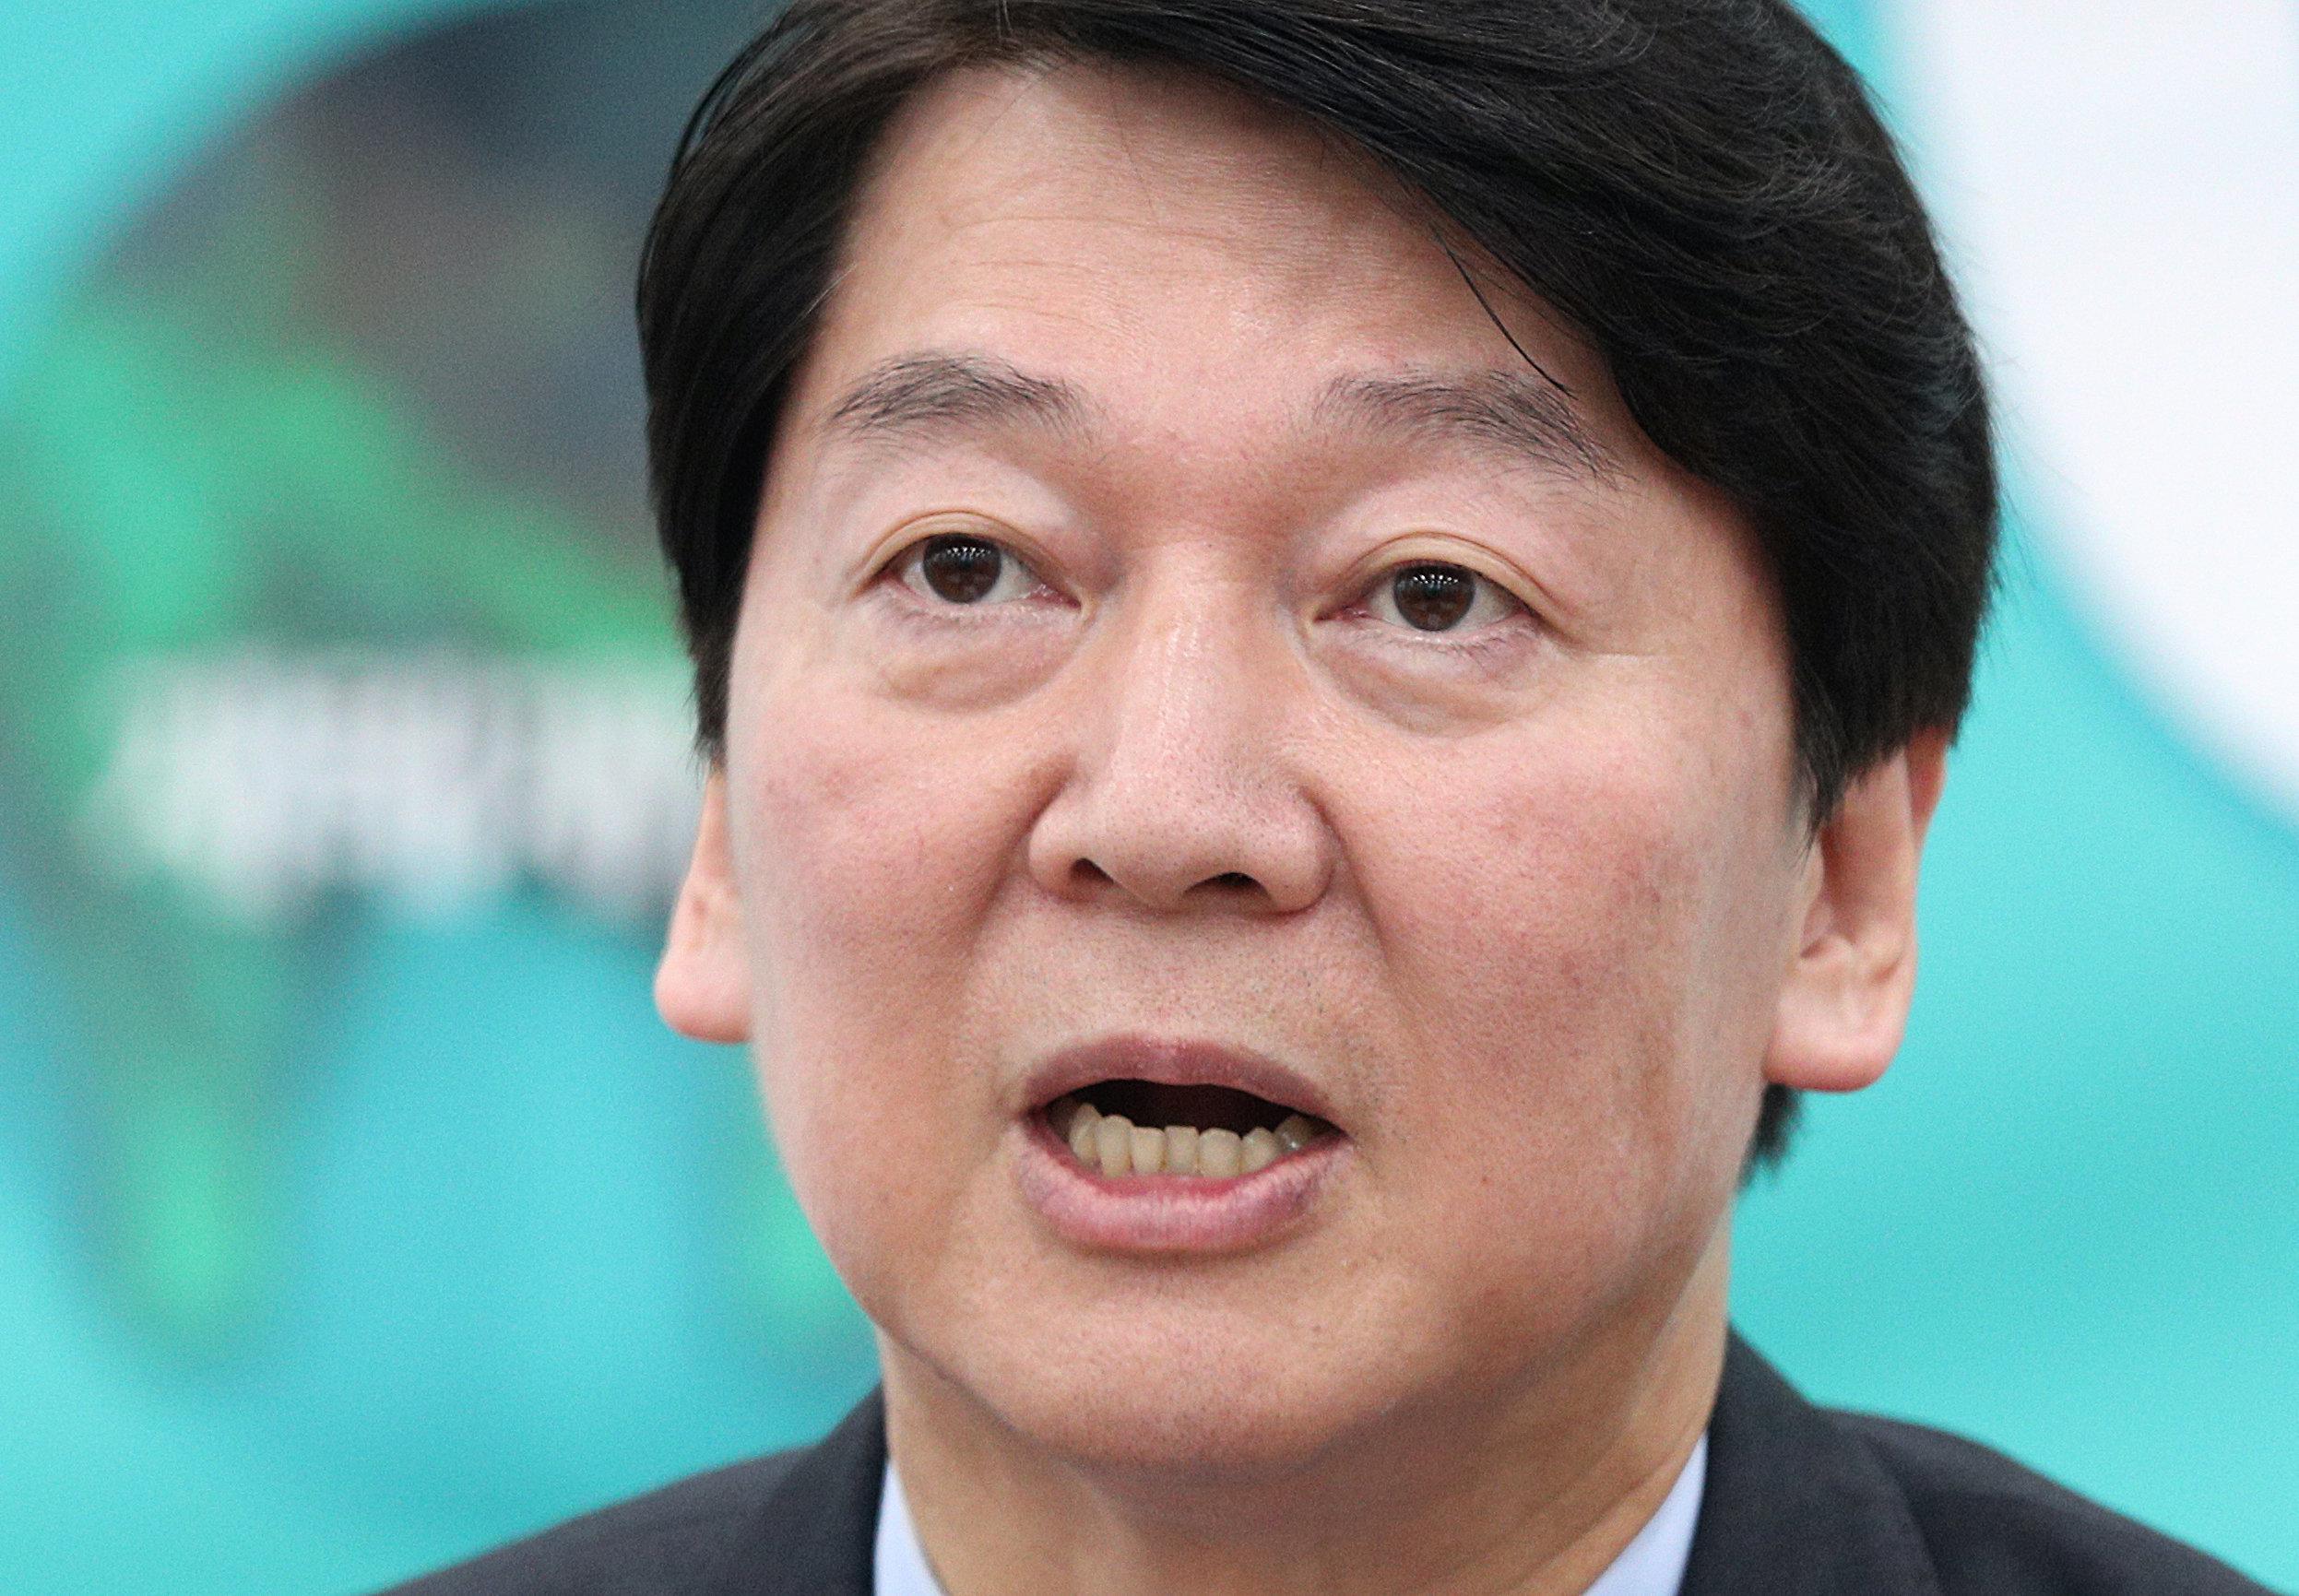 안철수는 '북한 해커'들을 '인공지능 전문가'로 쓰자고 제안한다